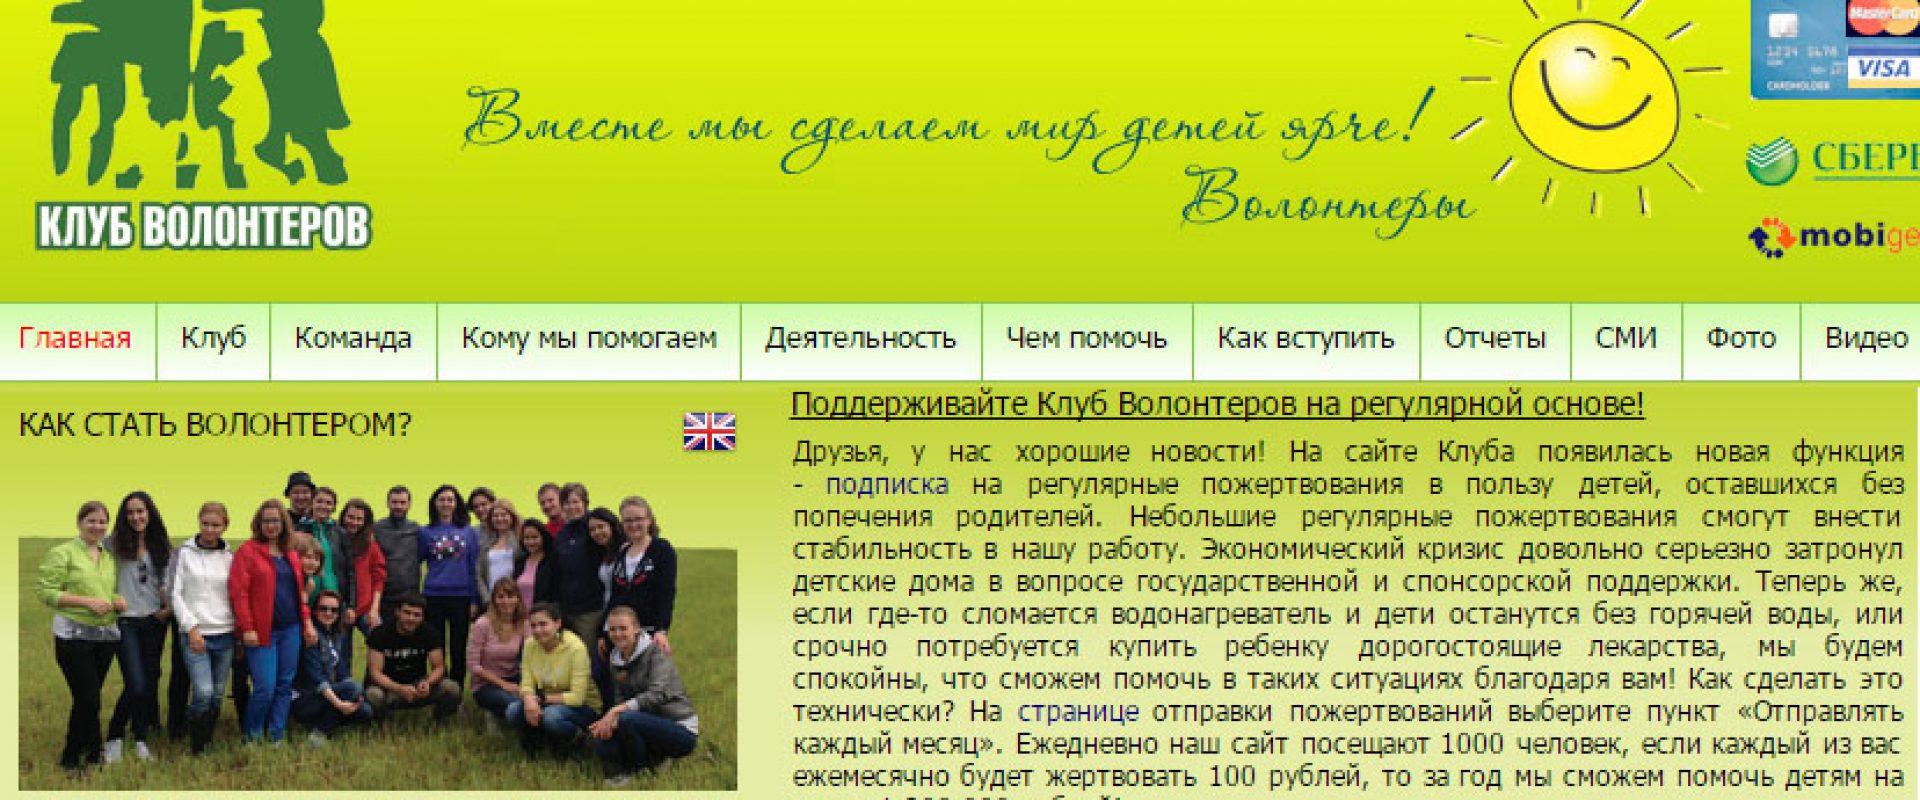 клуб волонтеров